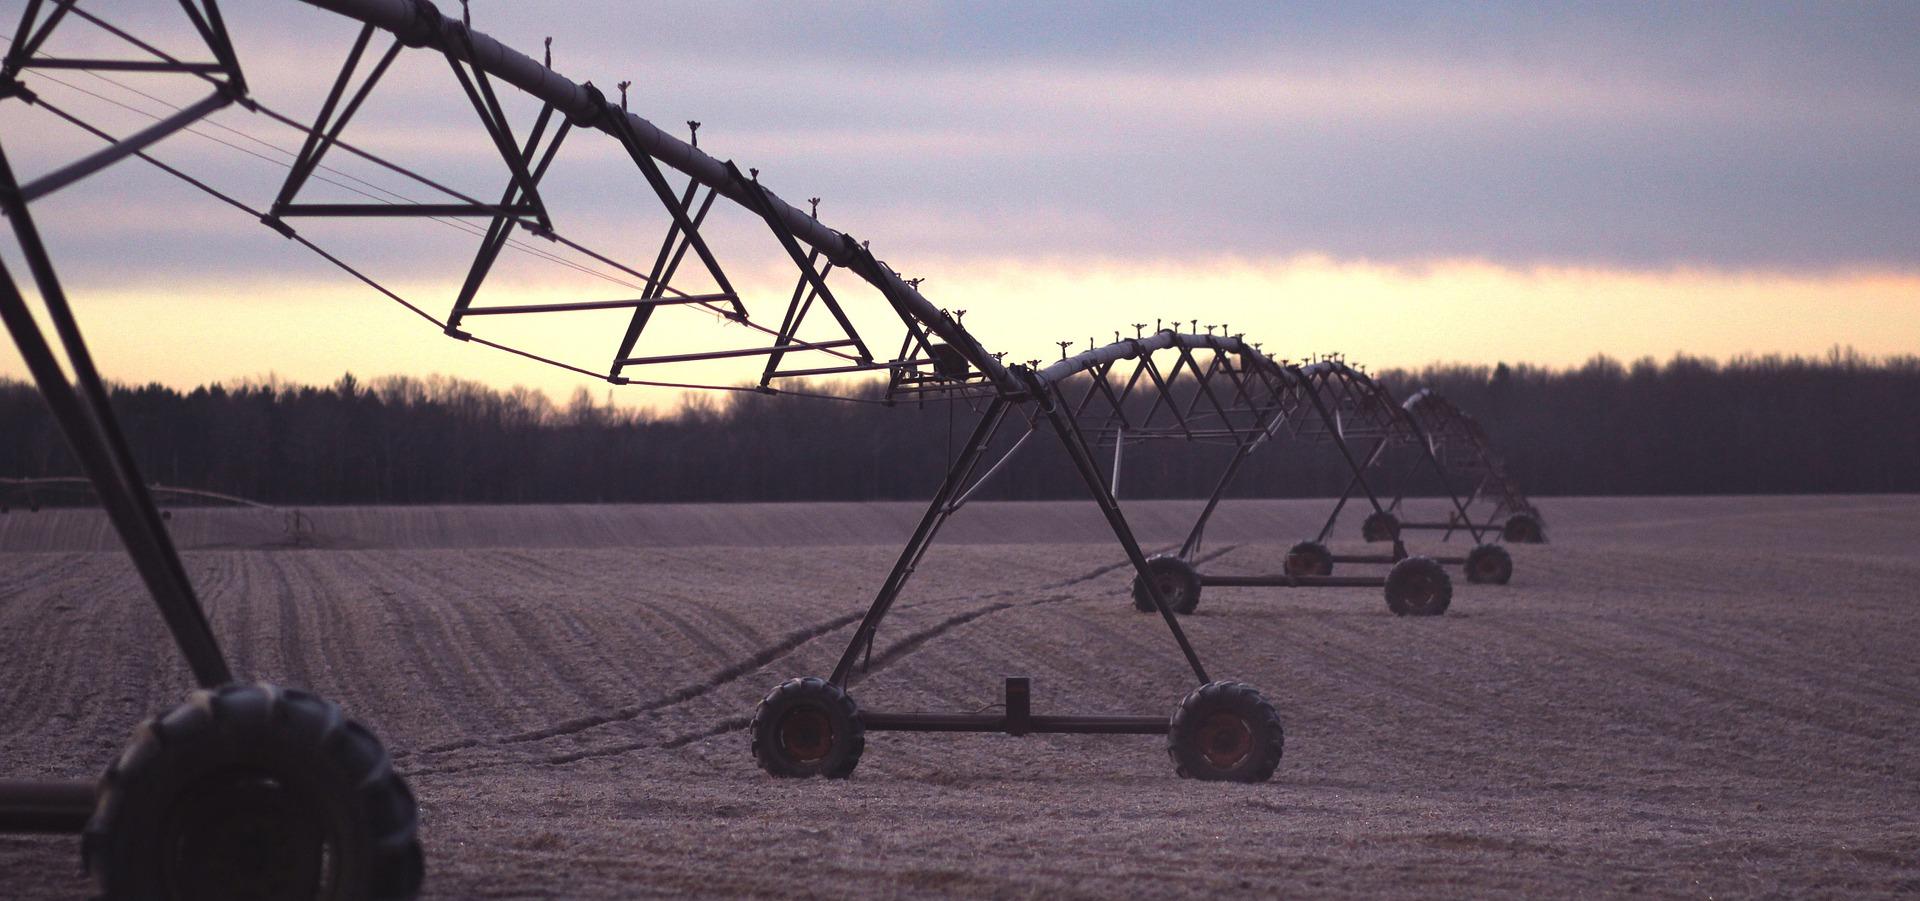 Eficiencia energética en el sector agrícola con Linkener